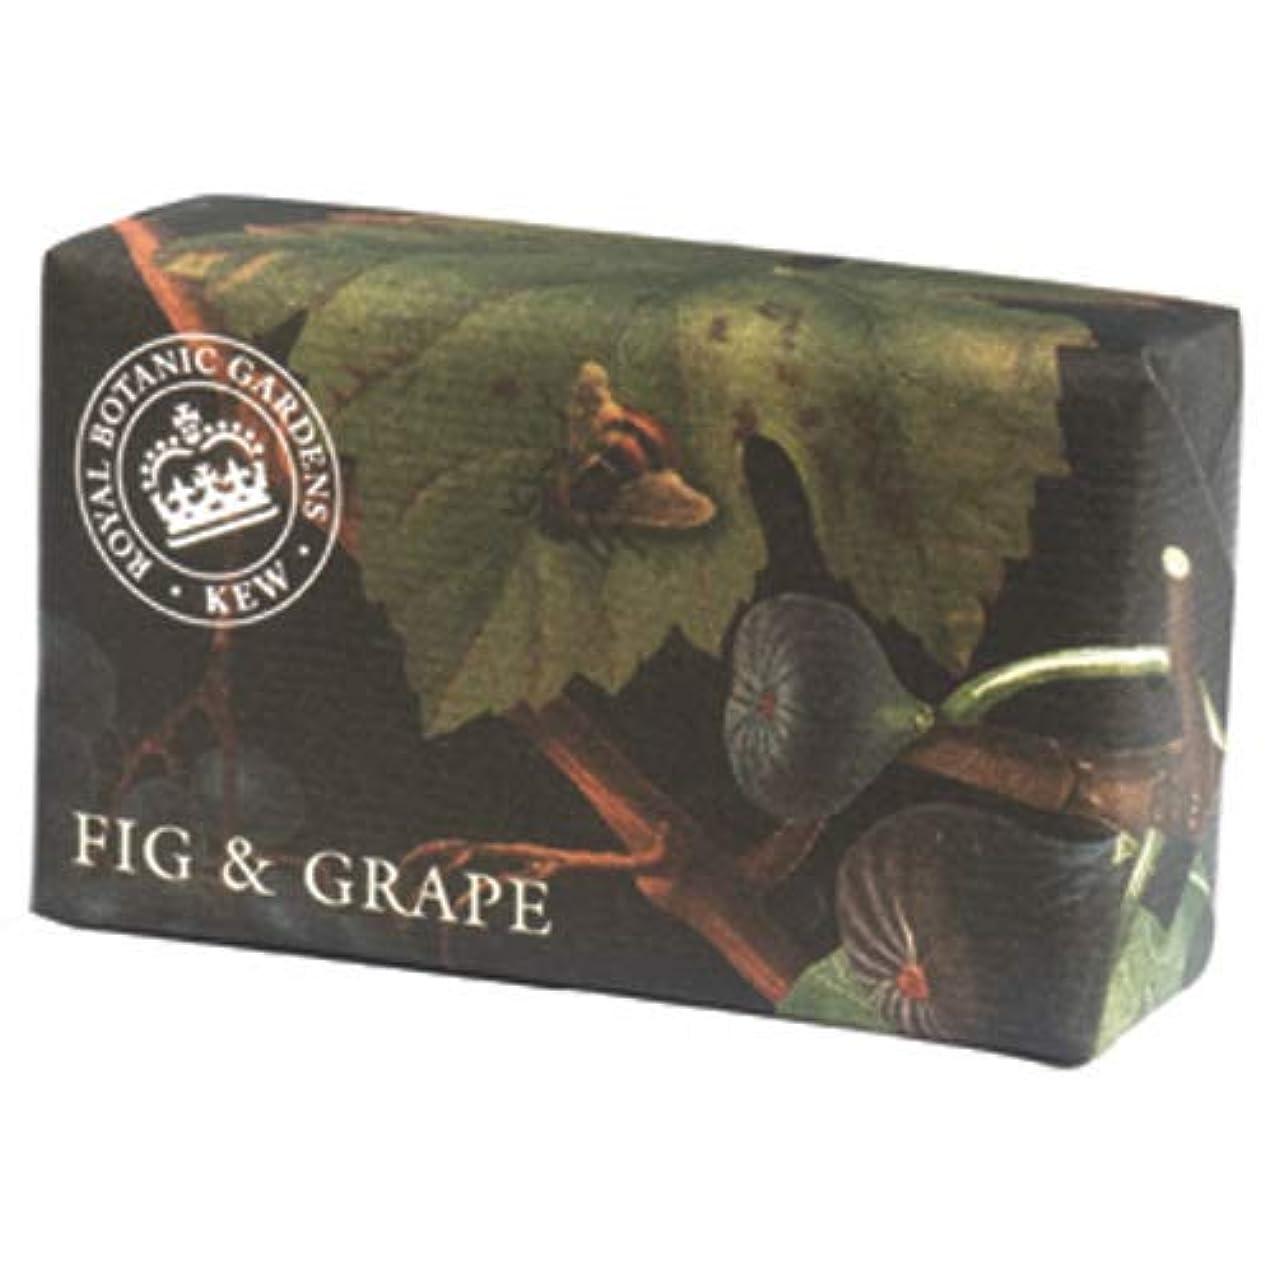 三ホスト若さEnglish Soap Company イングリッシュソープカンパニー KEW GARDEN キュー?ガーデン Luxury Shea Soaps シアソープ Fig & Grape フィグ&グレープ